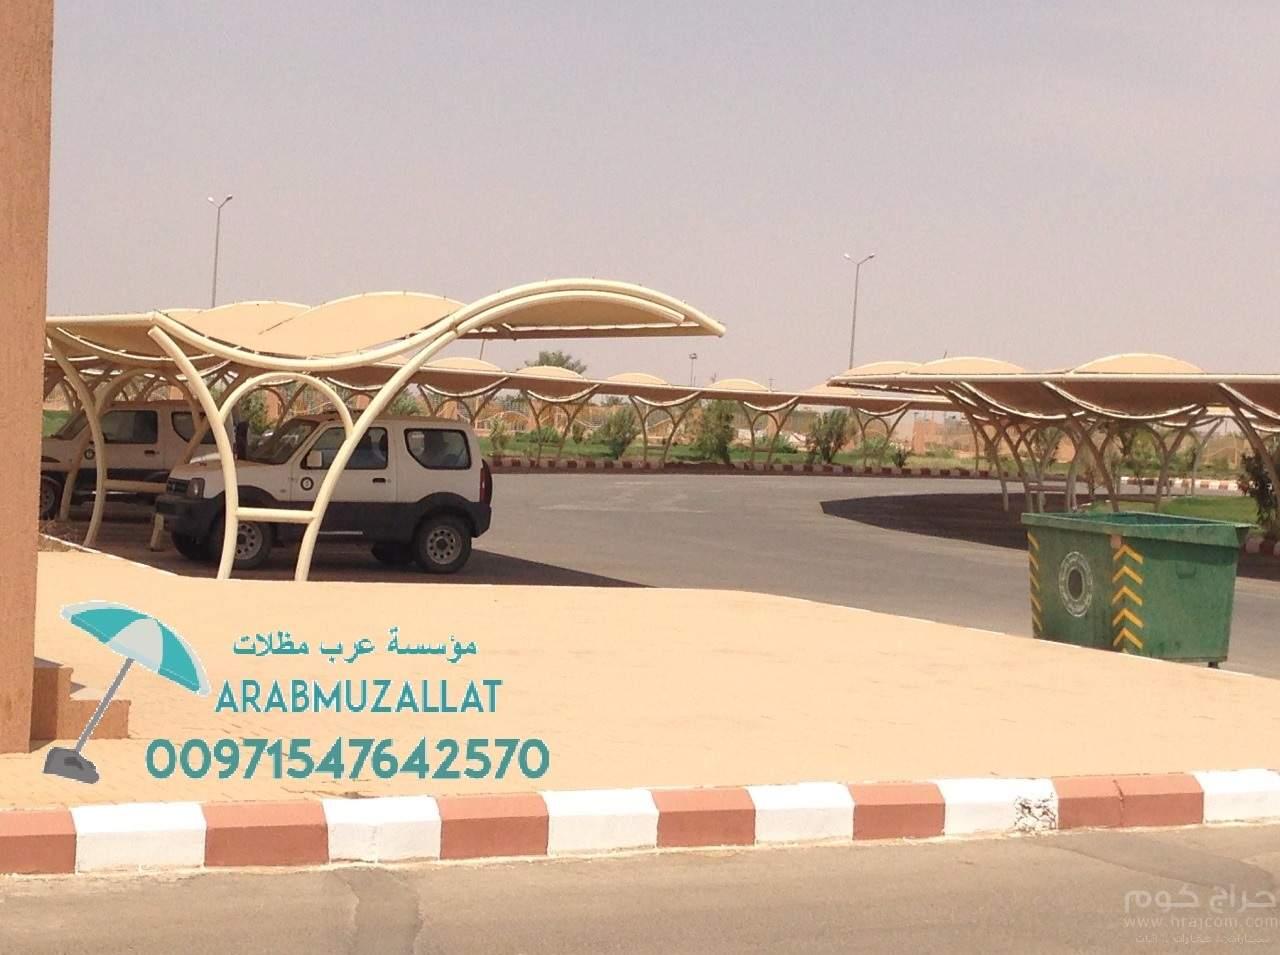 مؤسسة عرب مظلات للمظلات و السواتر و المقاولات العامة 00971547642570